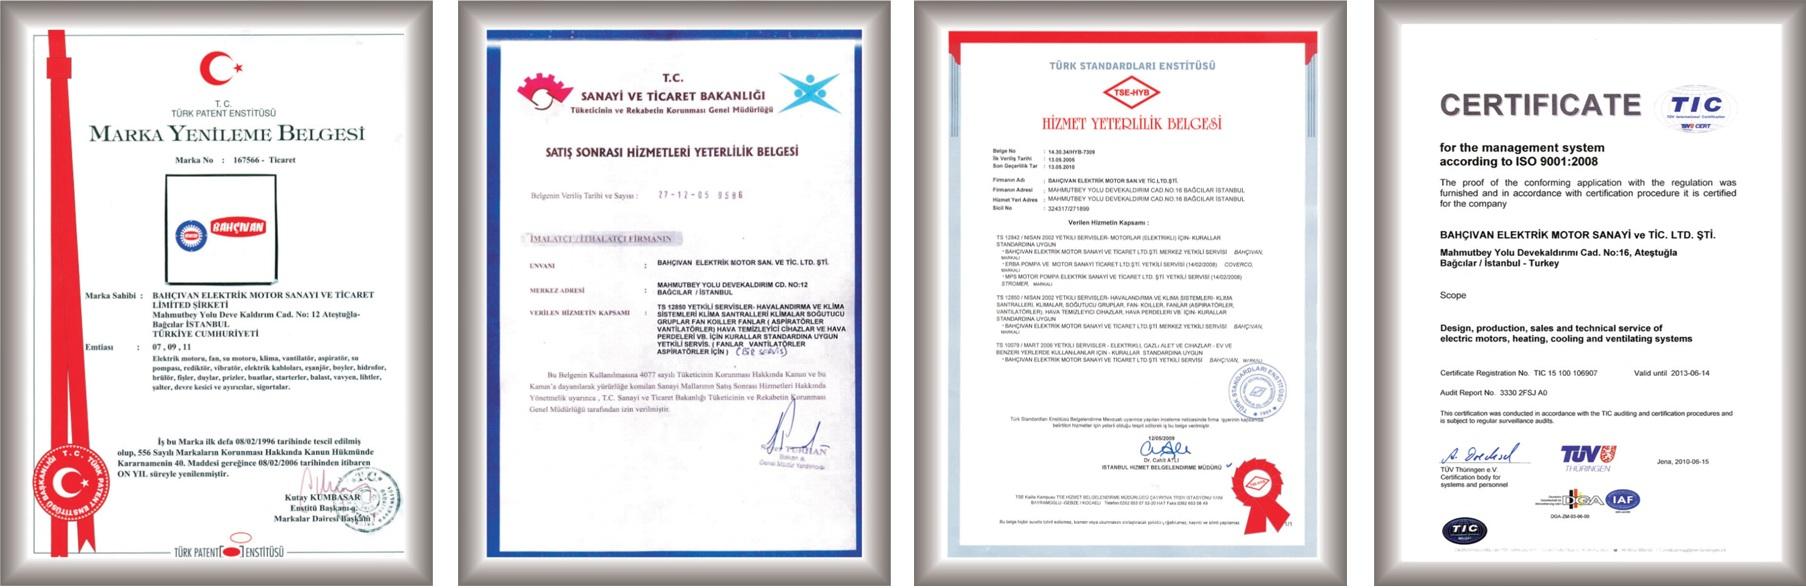 сертификаты качества Бахчиван